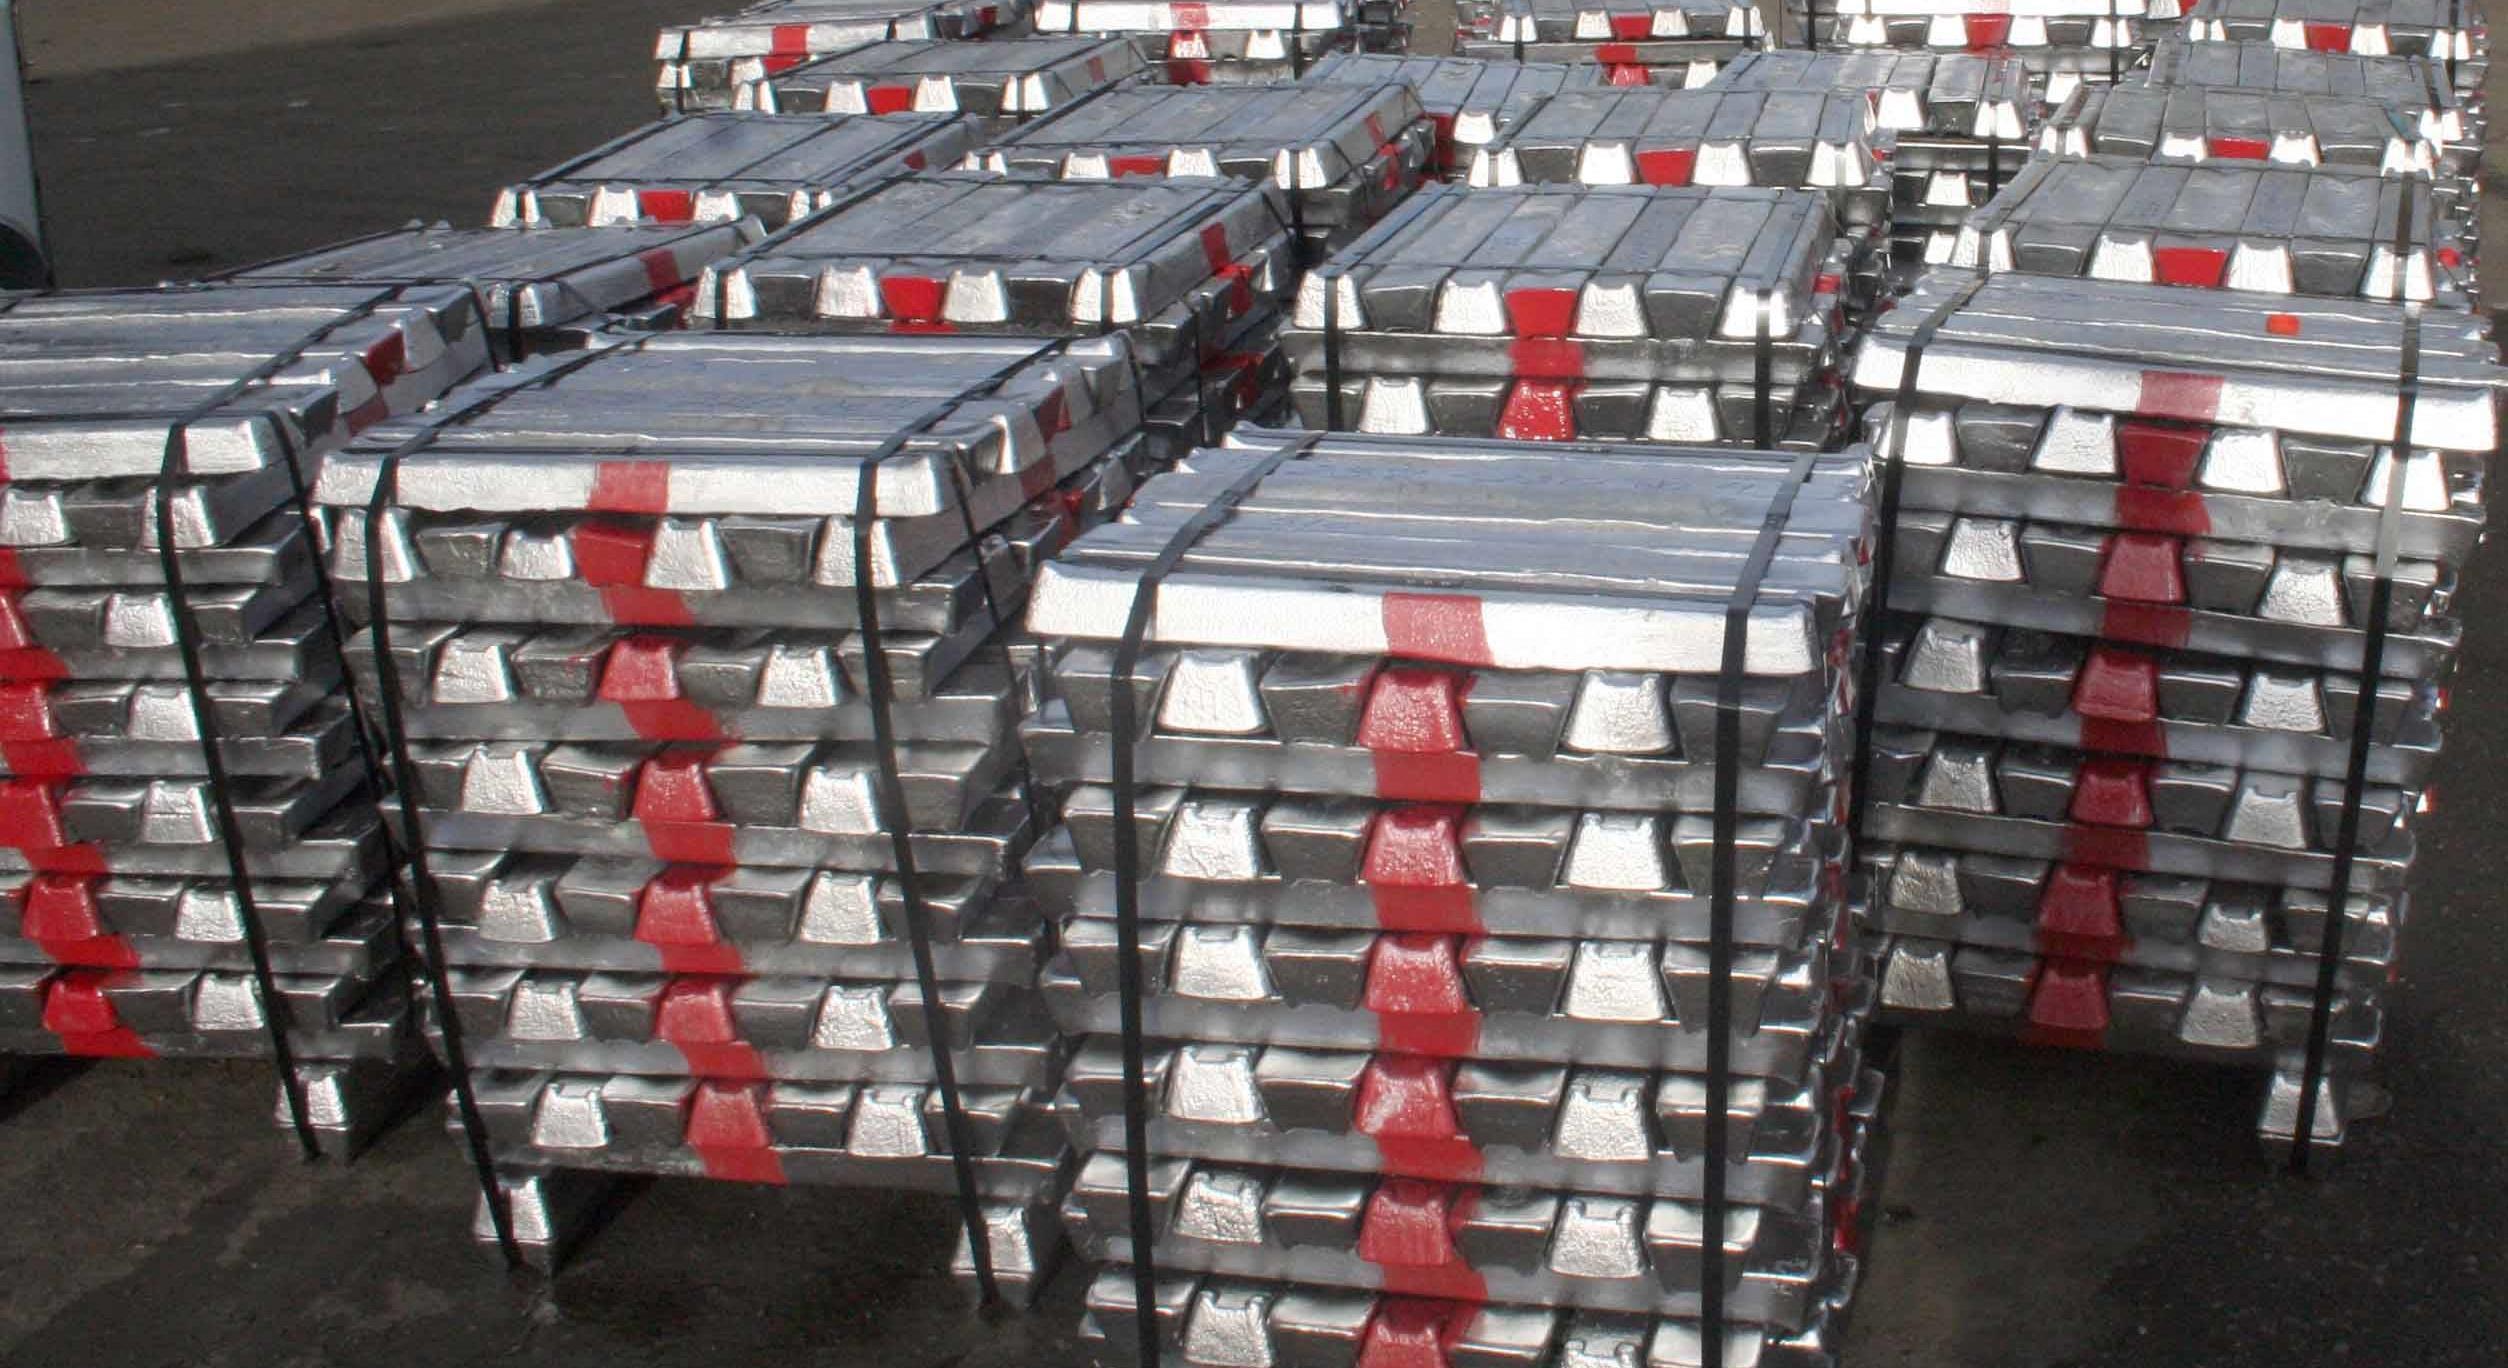 گفتگو با سه تن از کارشناسان صنعت آلومینیوم: آرامش به بازار آلومینیوم بازمیگردد